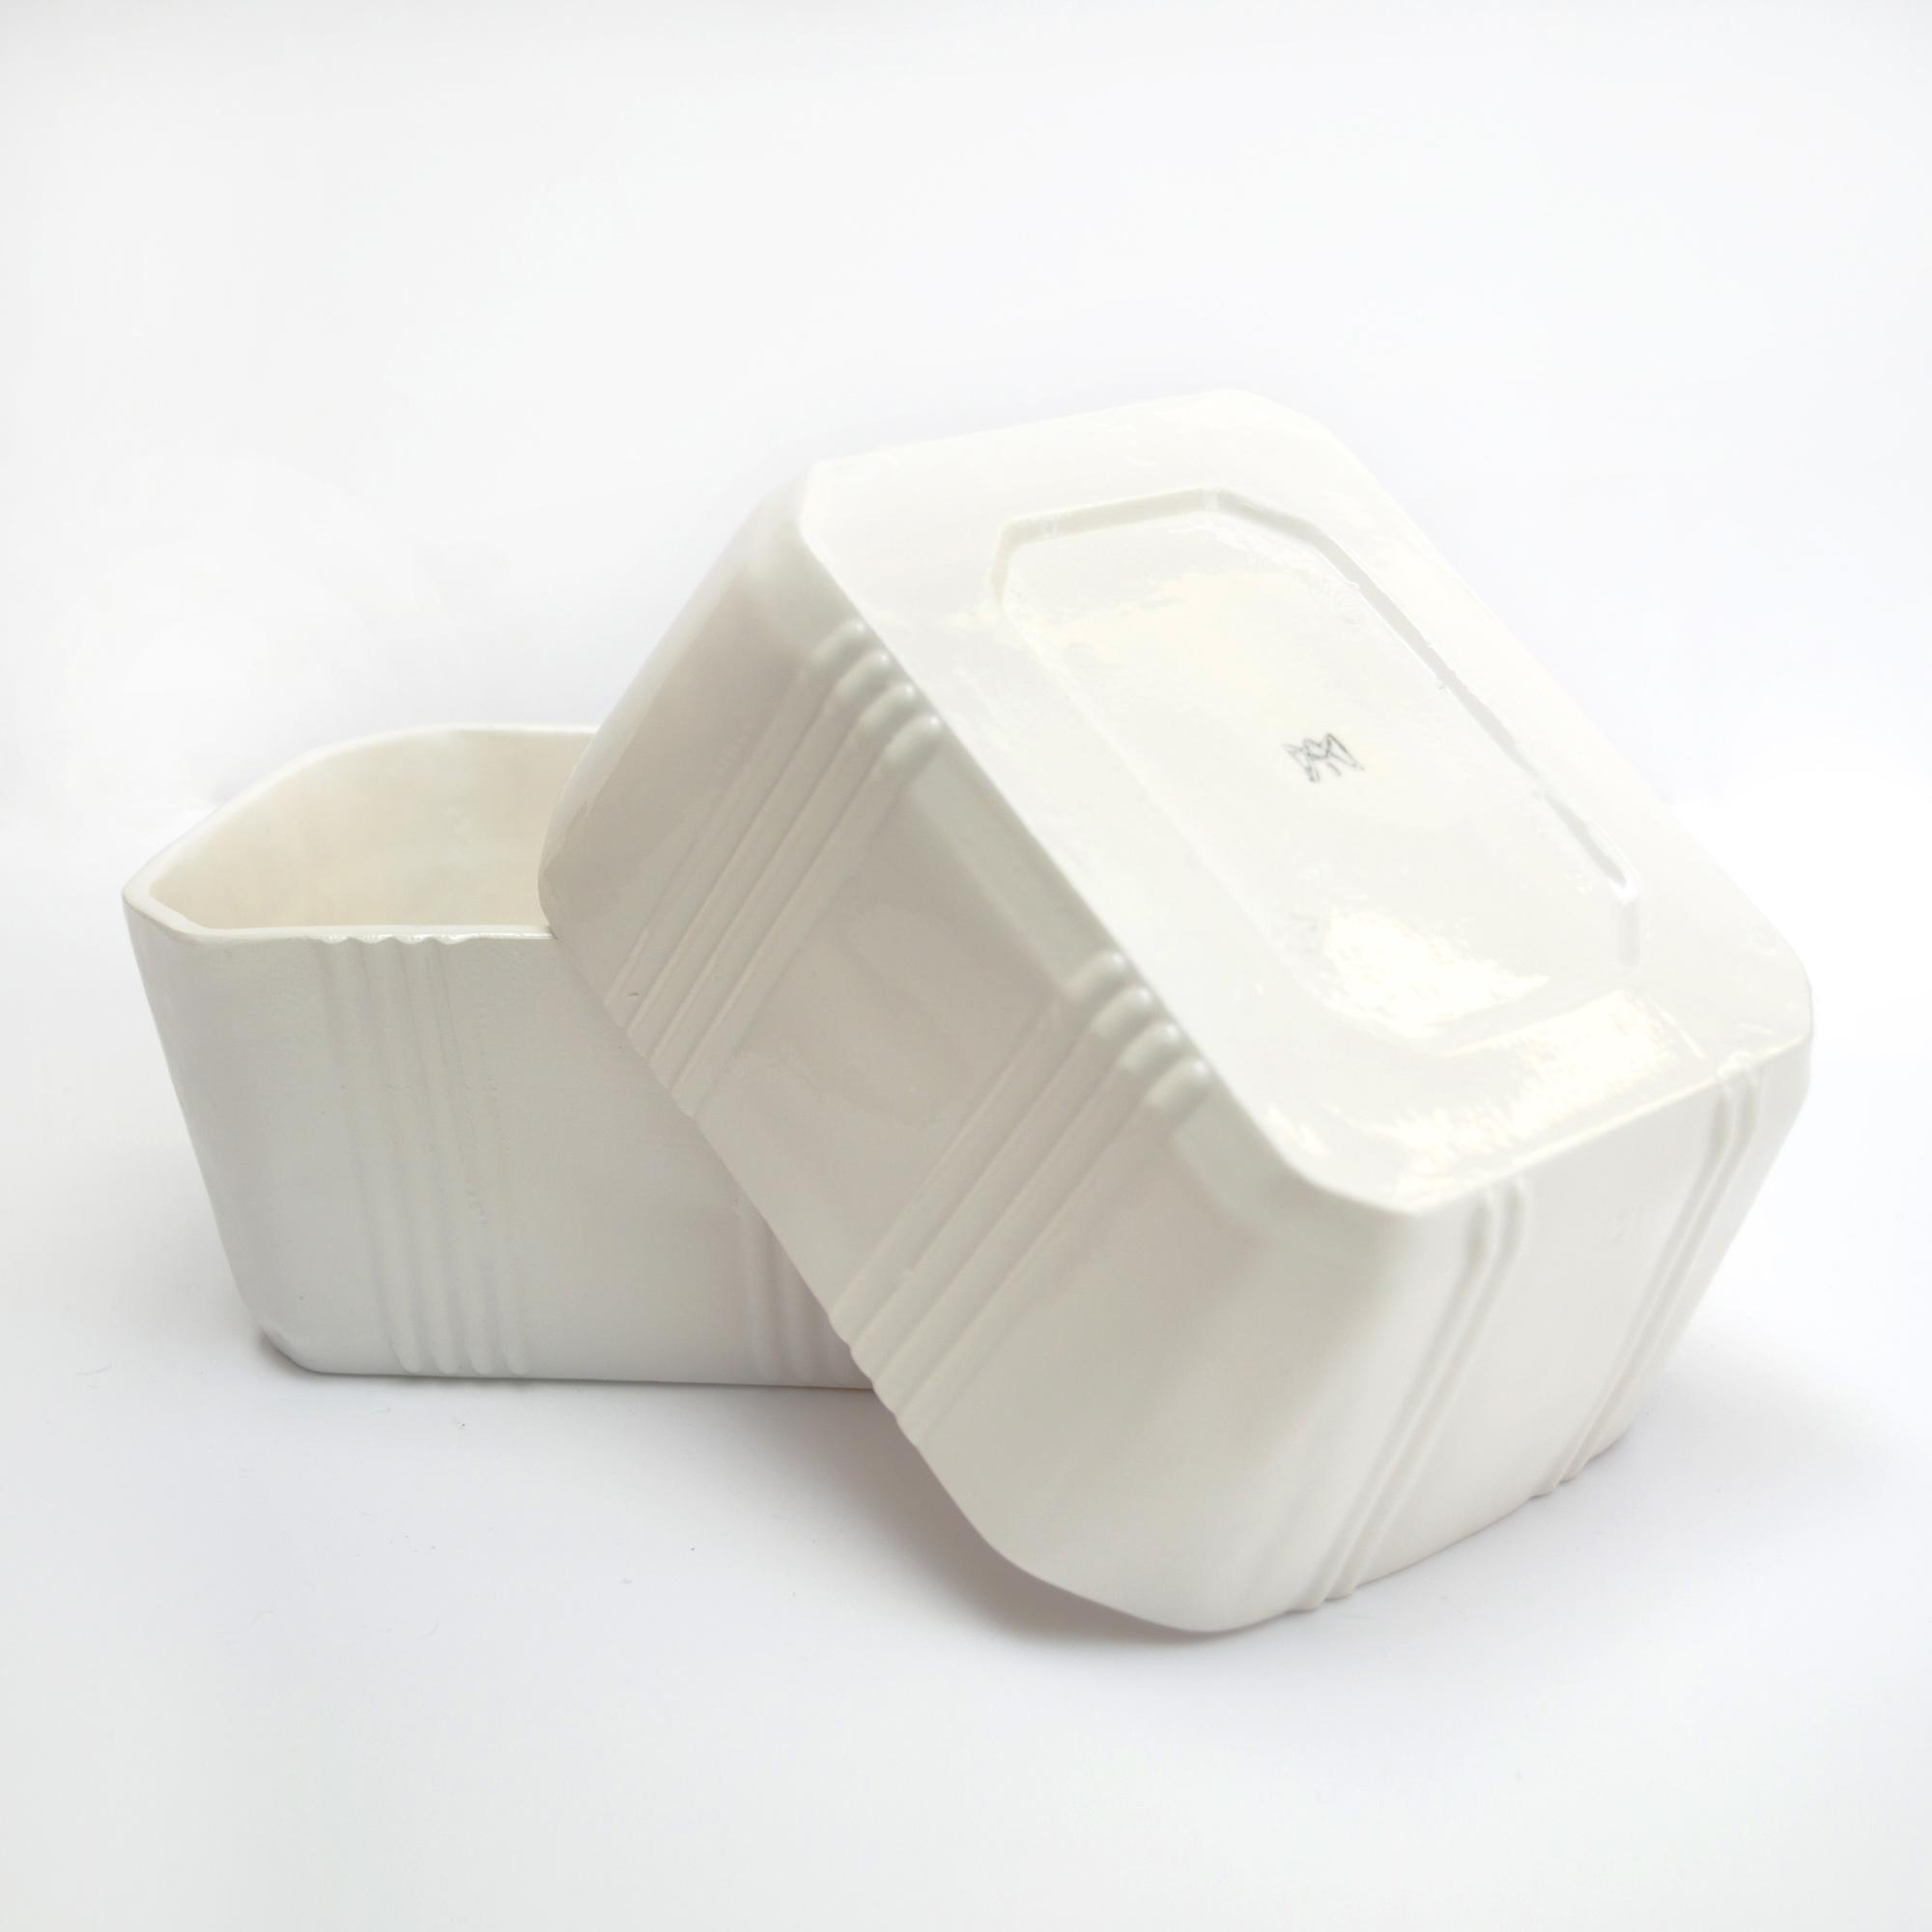 fabricado a mano tupper contenedor recipiente hecho a mano ceramico loza